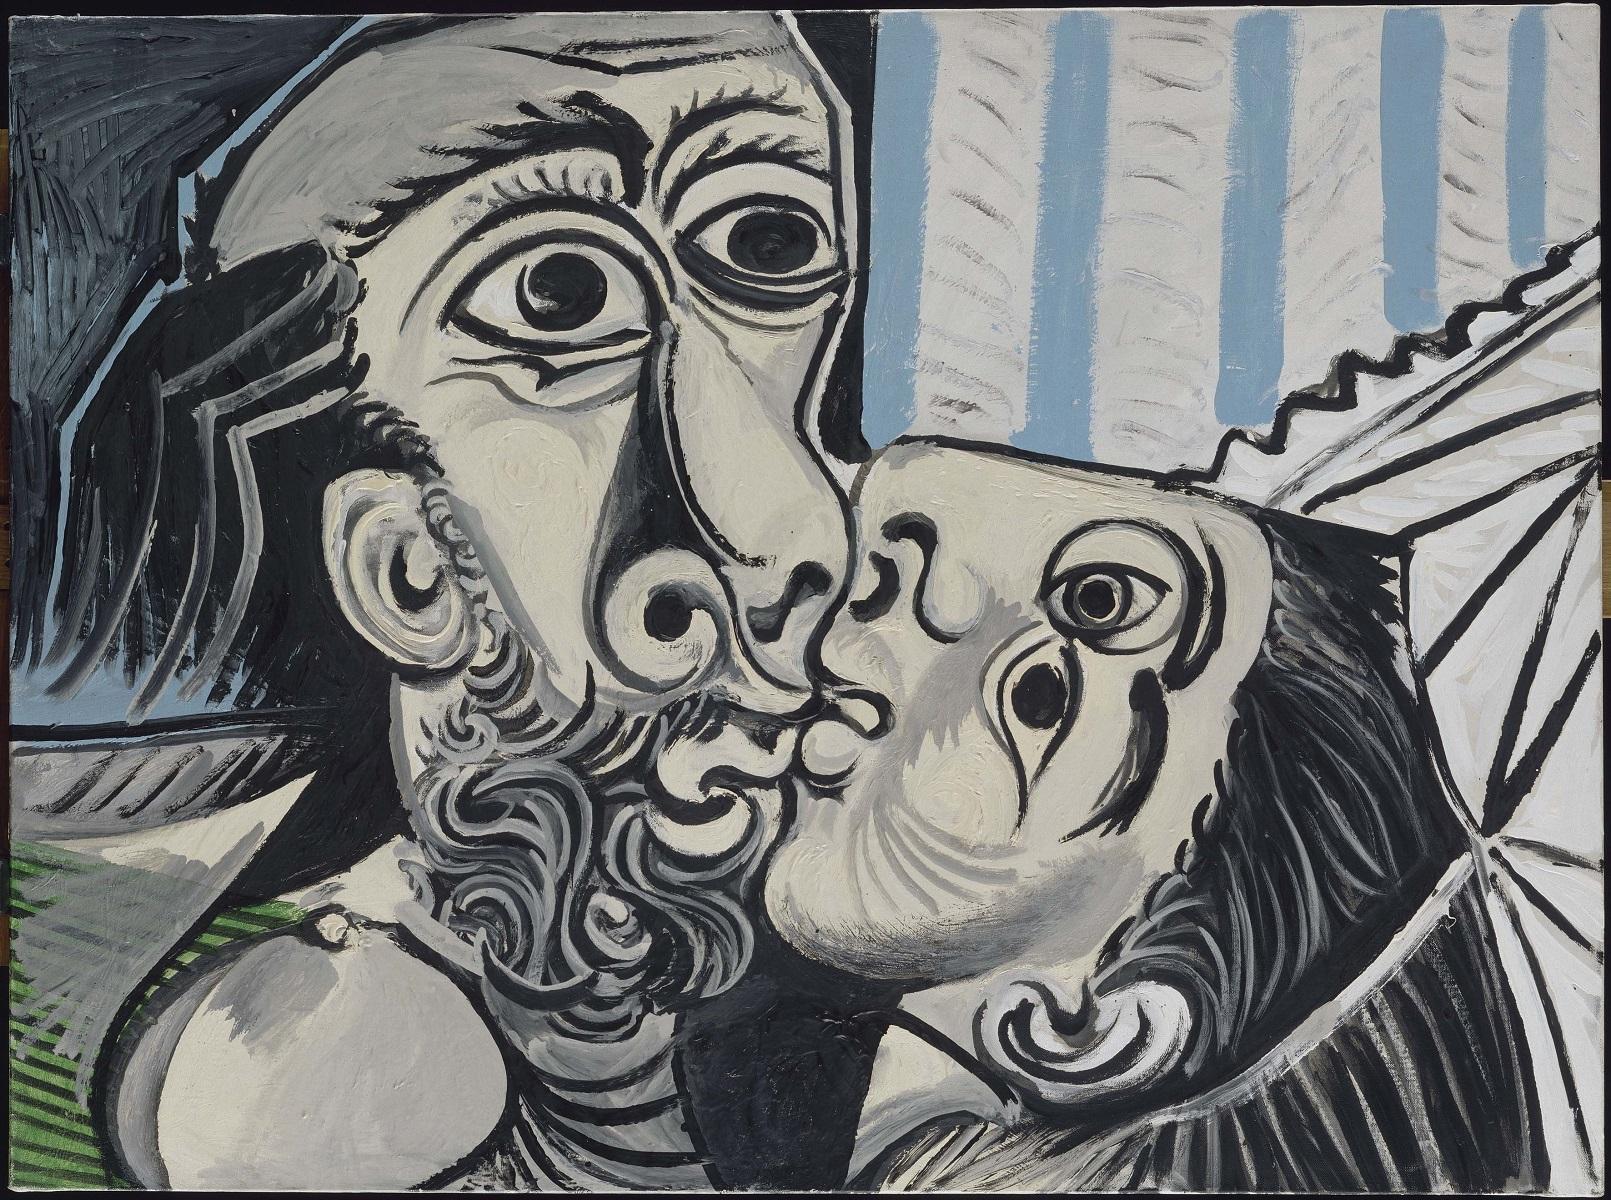 Le Baiser - O beijo - 26 outubro 1969 - Óleo sobre tela - Musée national Picasso-Paris.